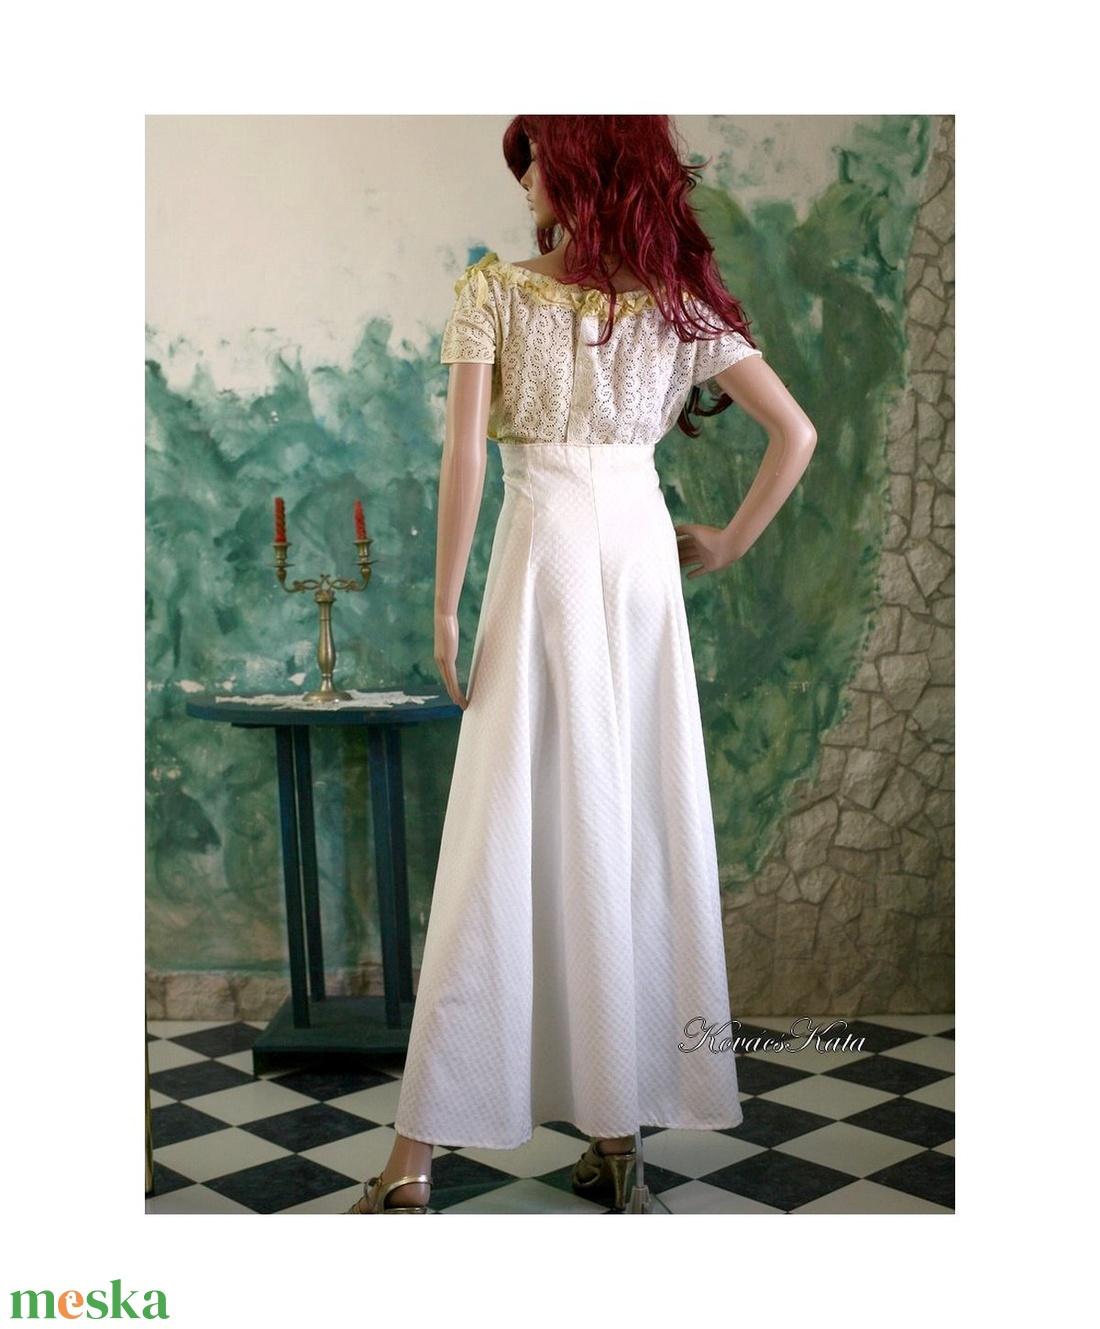 MALVIN - vintage styl design-szett, alternatív esküvői ruha  - esküvő - ruha - menyasszonyi ruha - Meska.hu